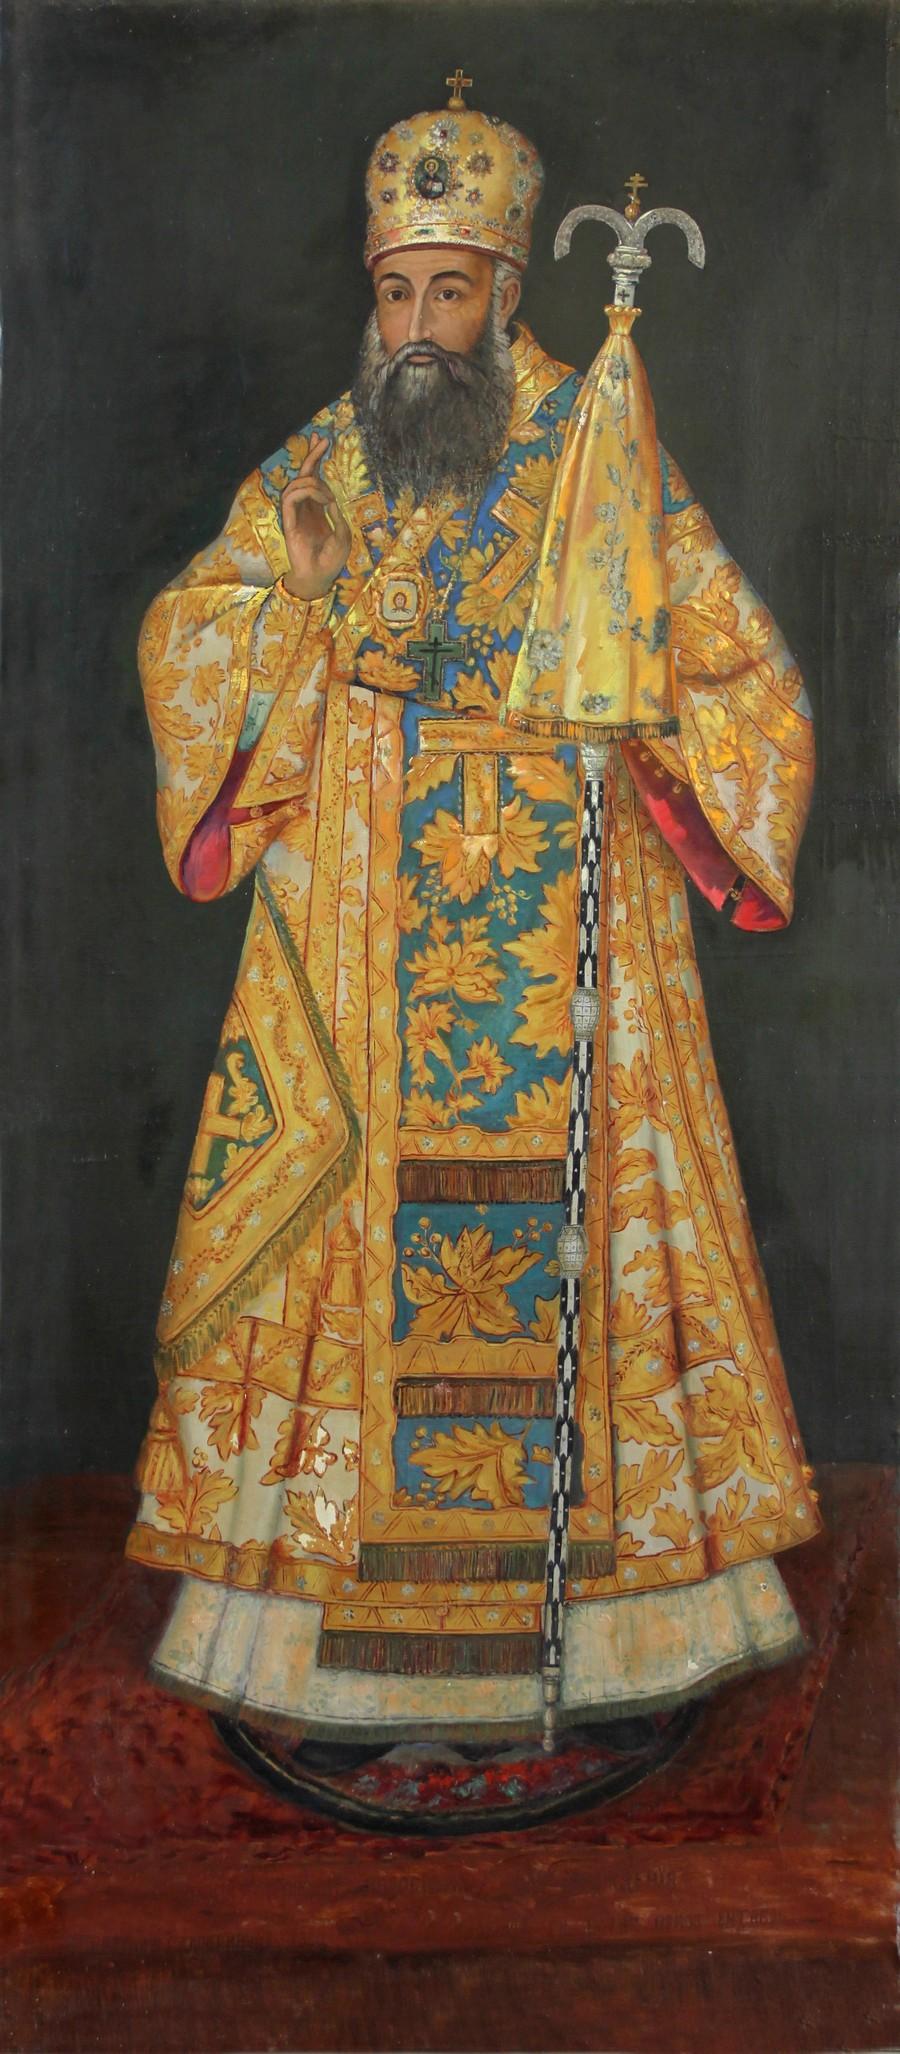 Святитель Амвросий, митрополит Белокриницкий и всех Древлеправославных христиан (1791-1863)